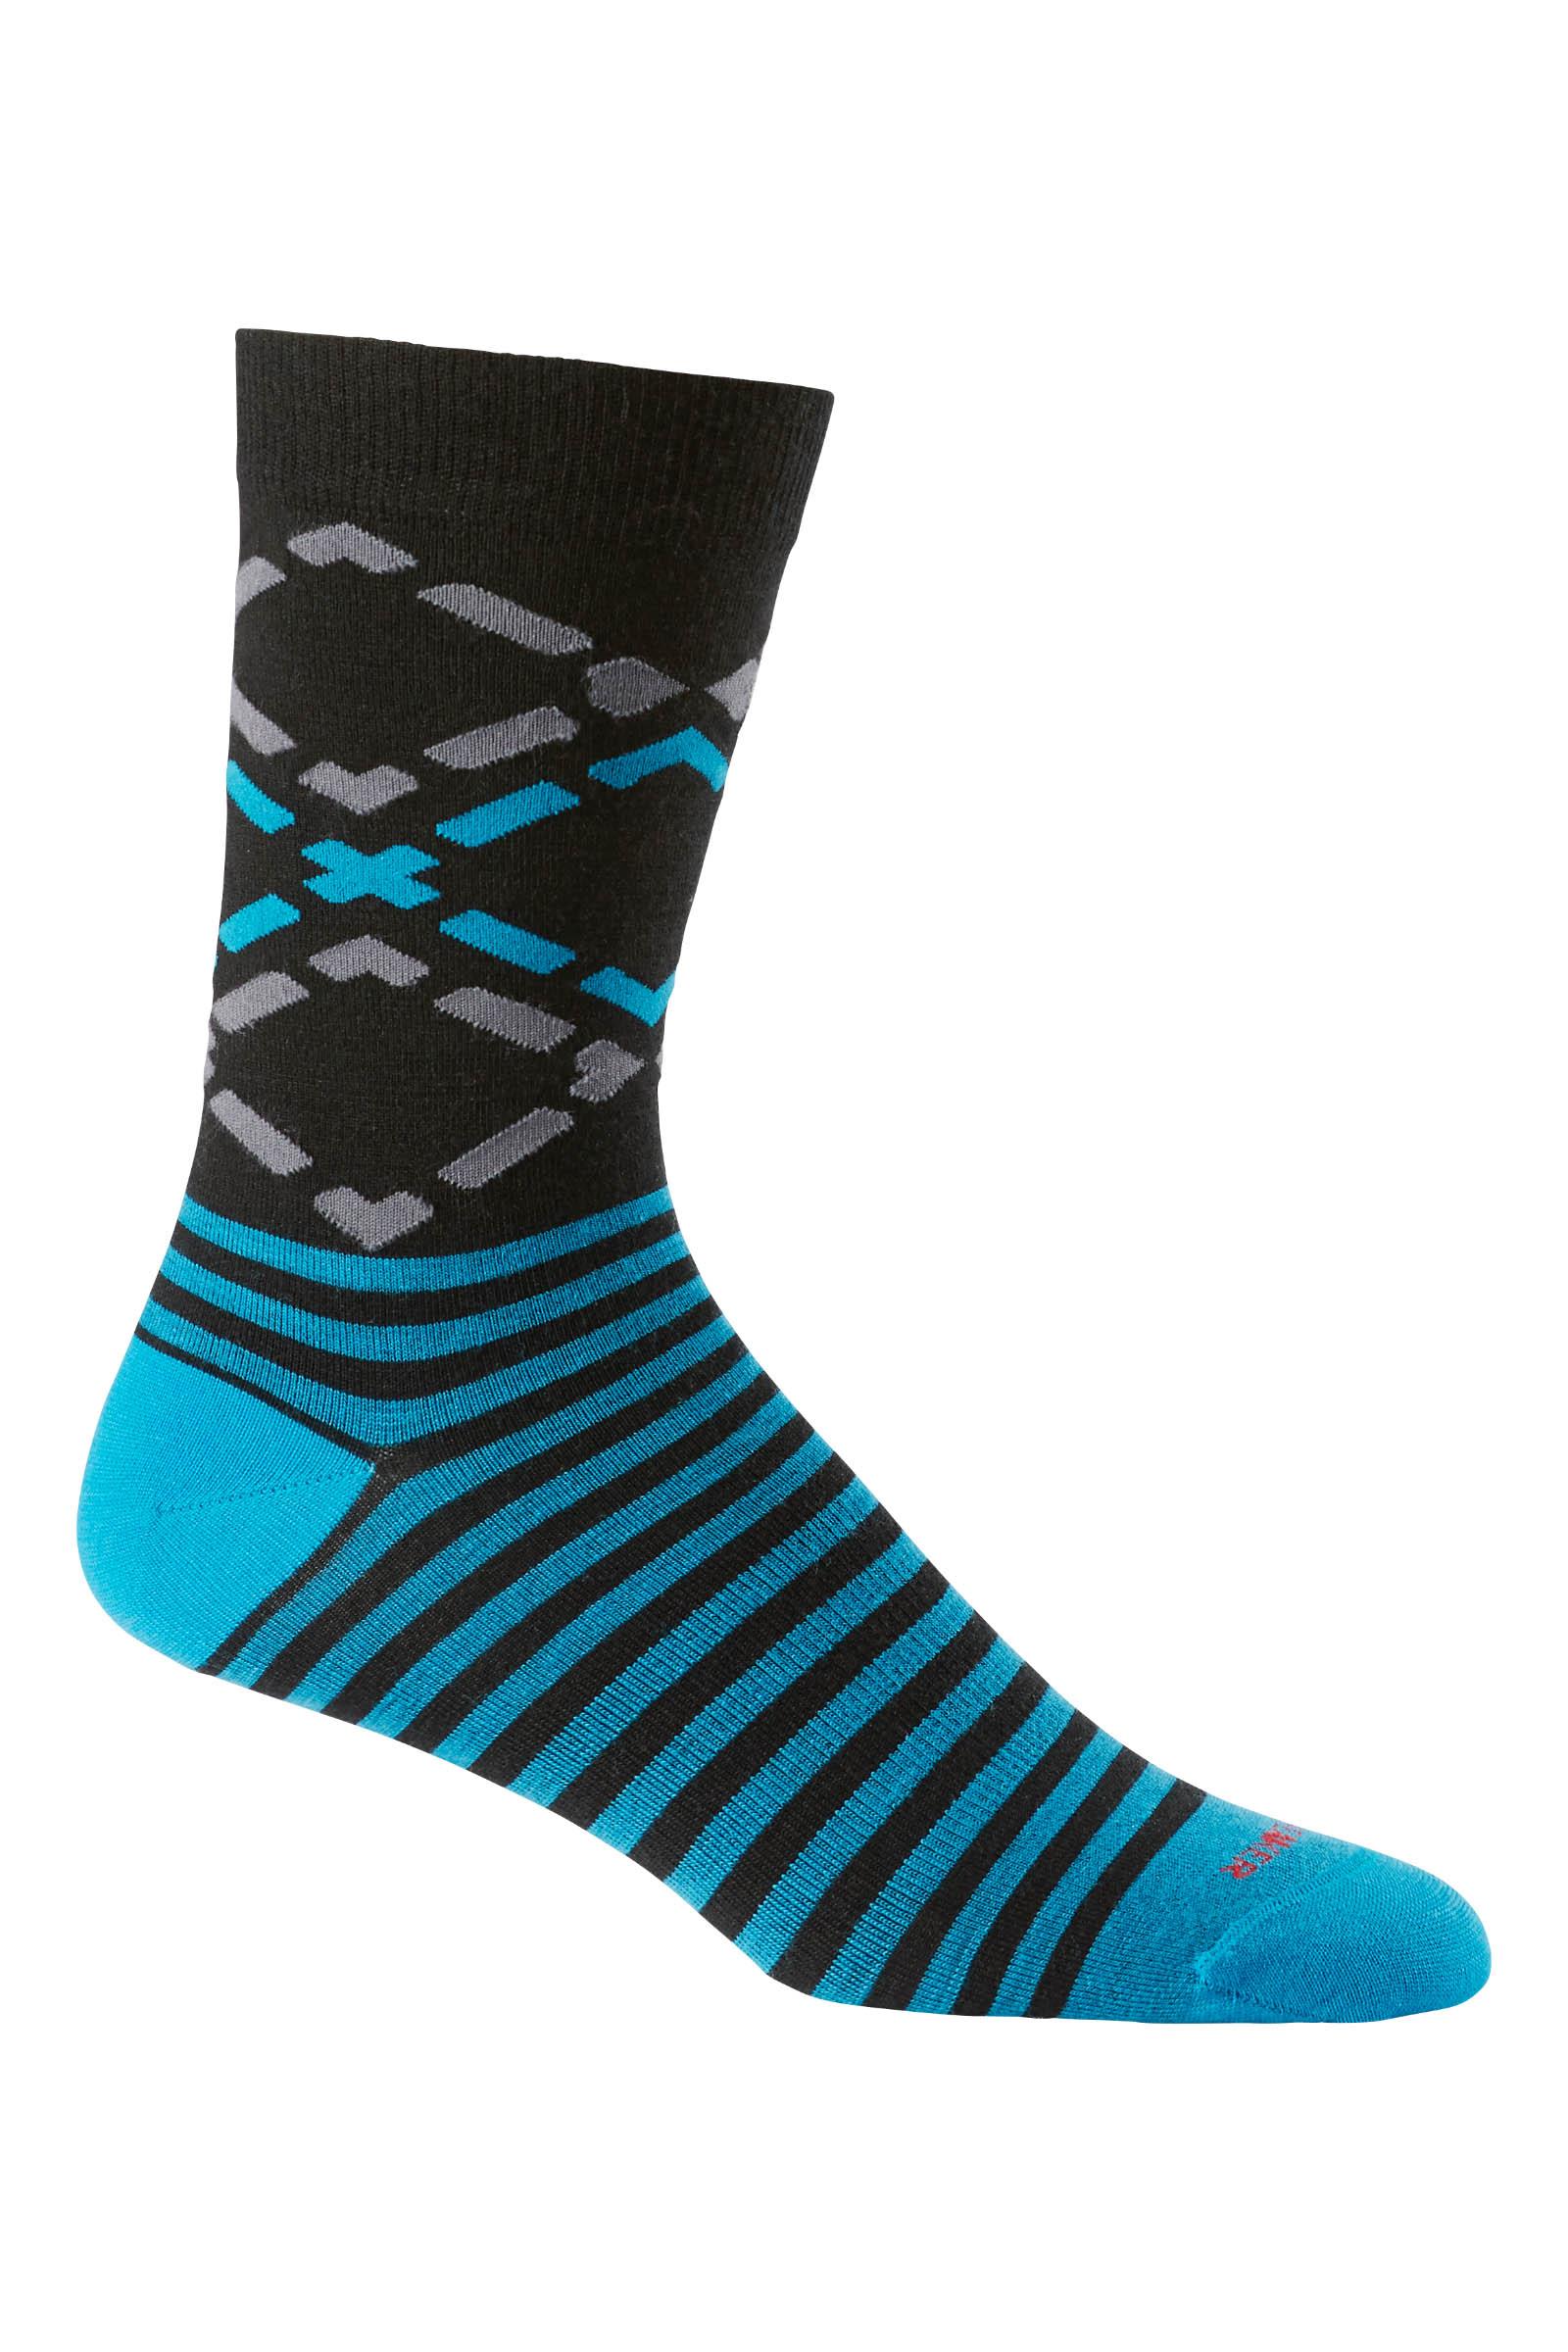 《台南悠活運動家》icebreaker 紐西蘭 男中筒細針織菱紋都會休閒襪 航海藍 IB102838-001